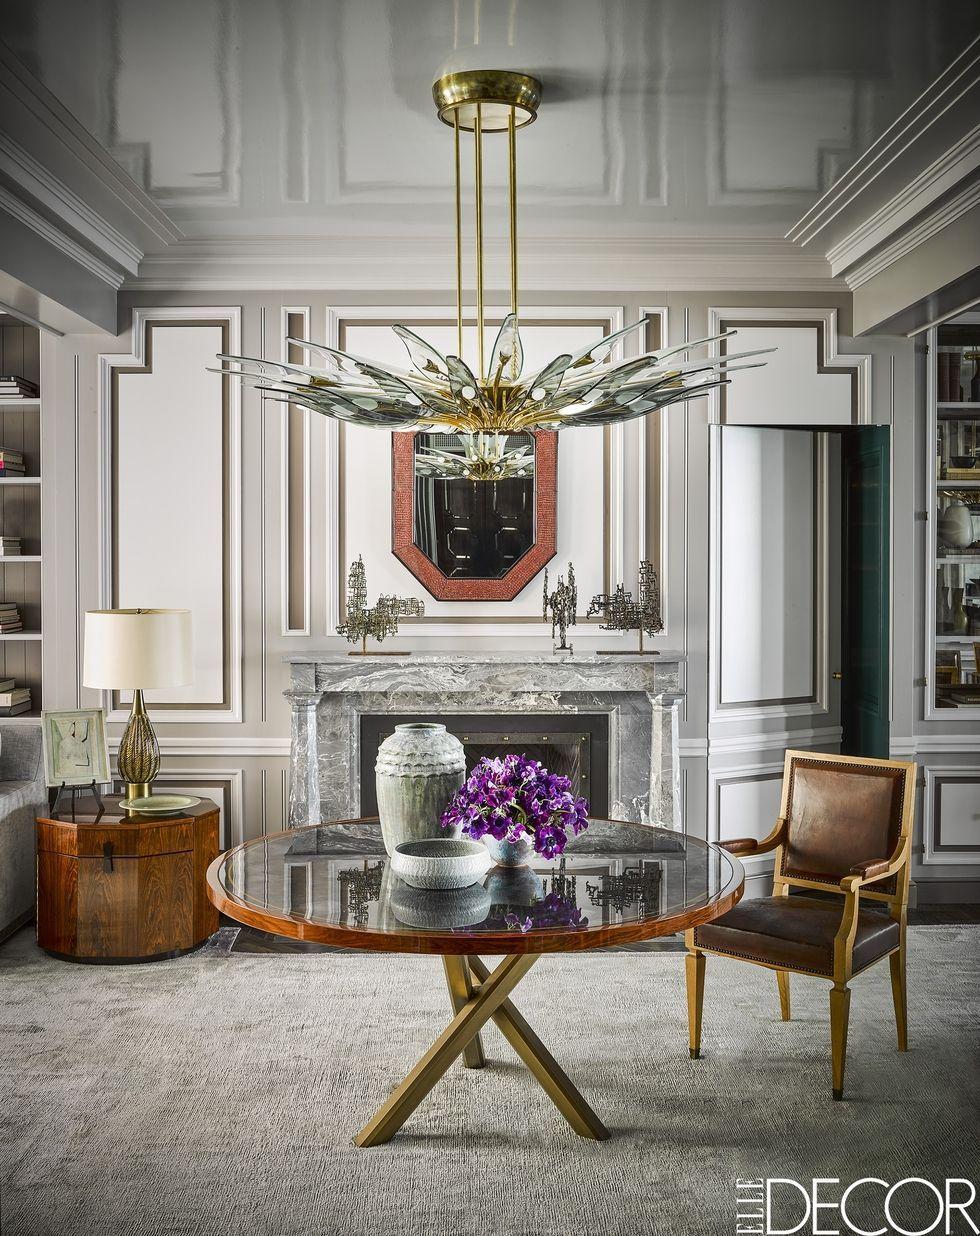 Tour A Chicago Apartment Full Of Art Deco Design Elements Interior